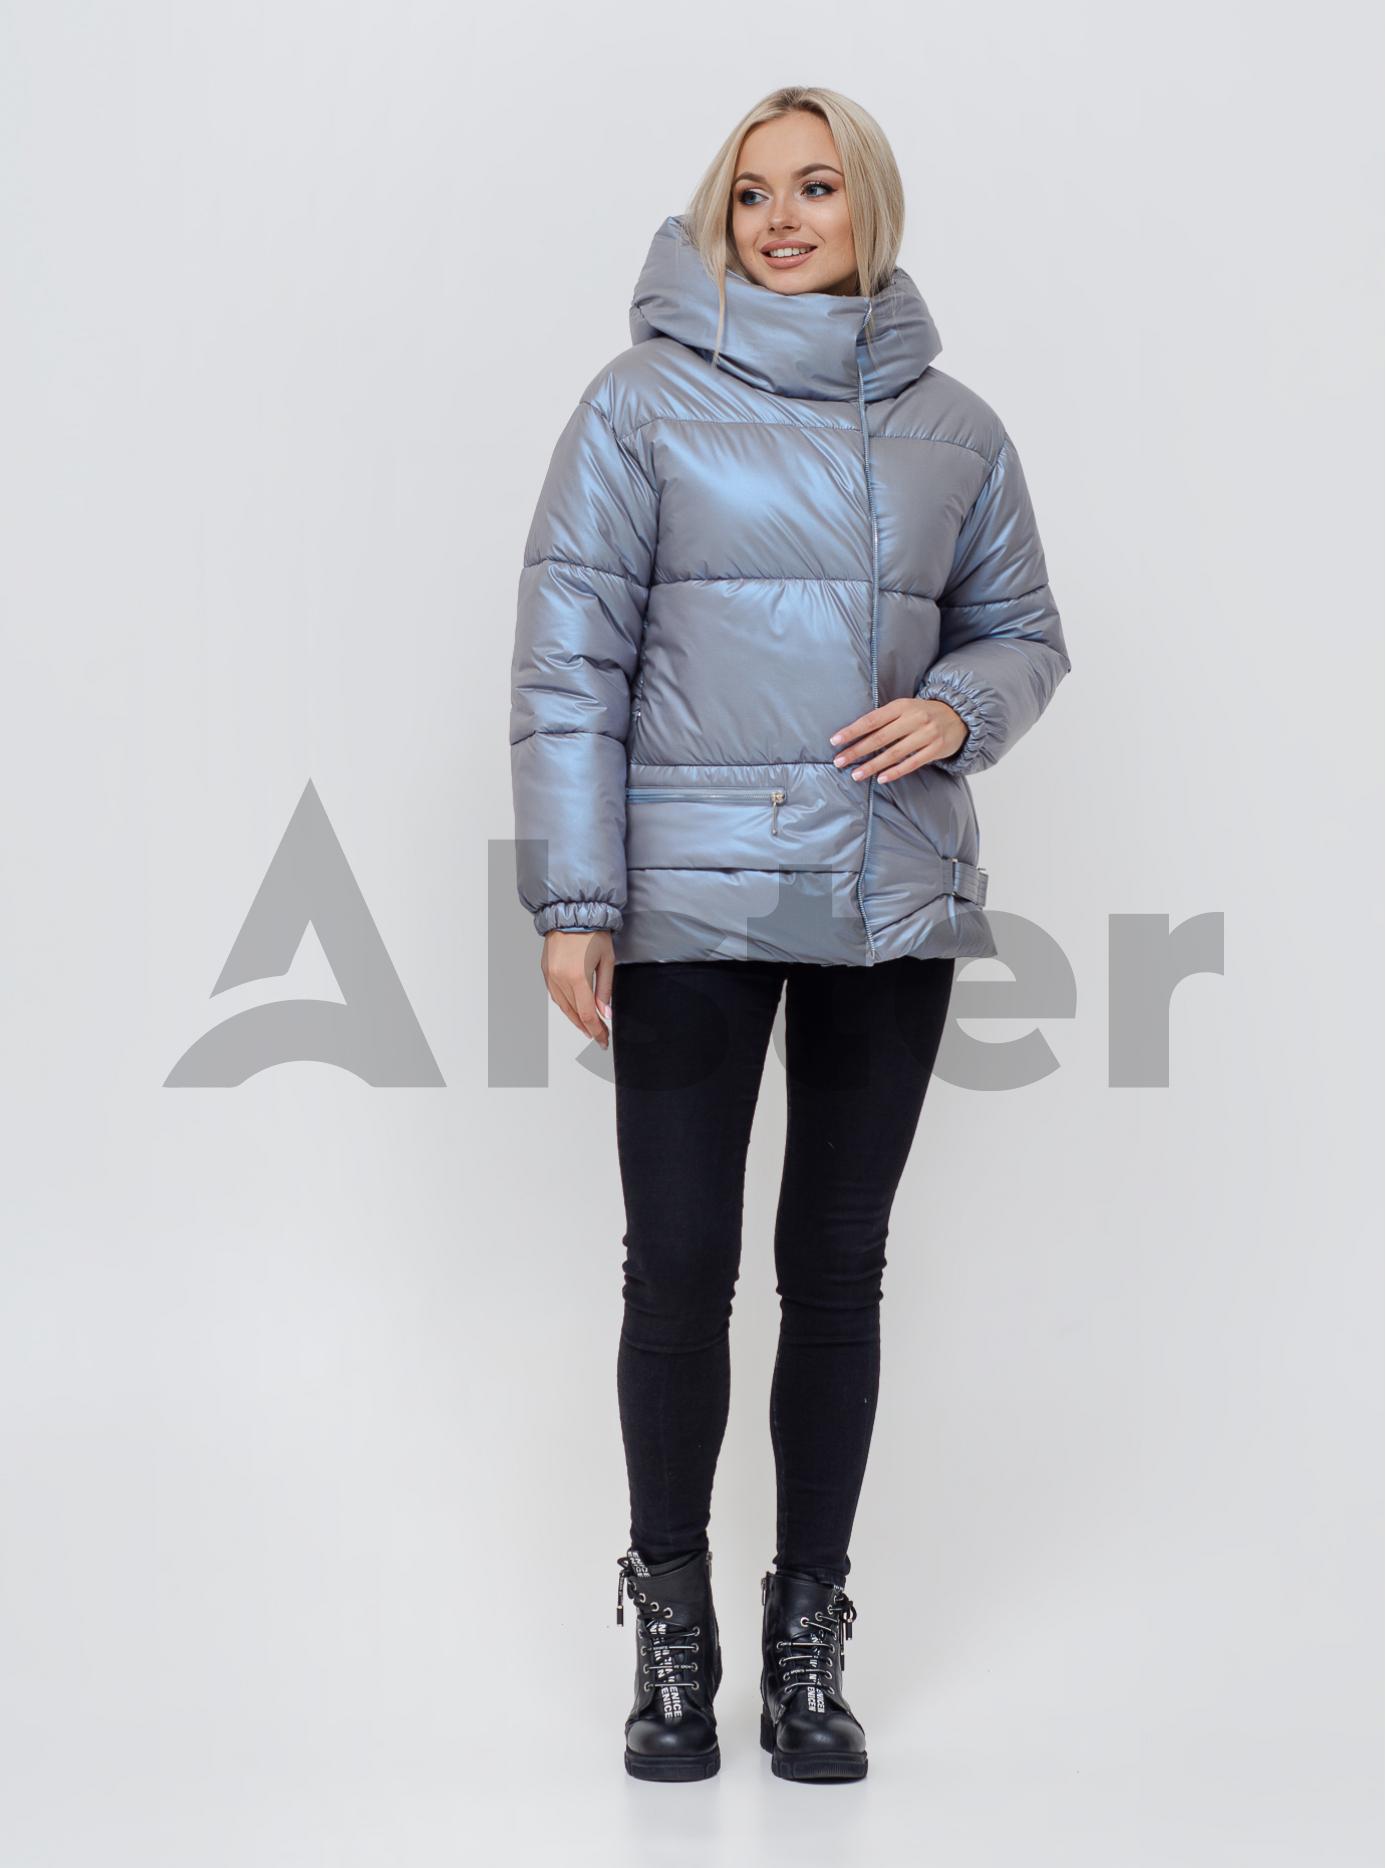 Жіноча зимова куртка Темно-блакитний 40 (02-KL201090): фото - Alster.ua